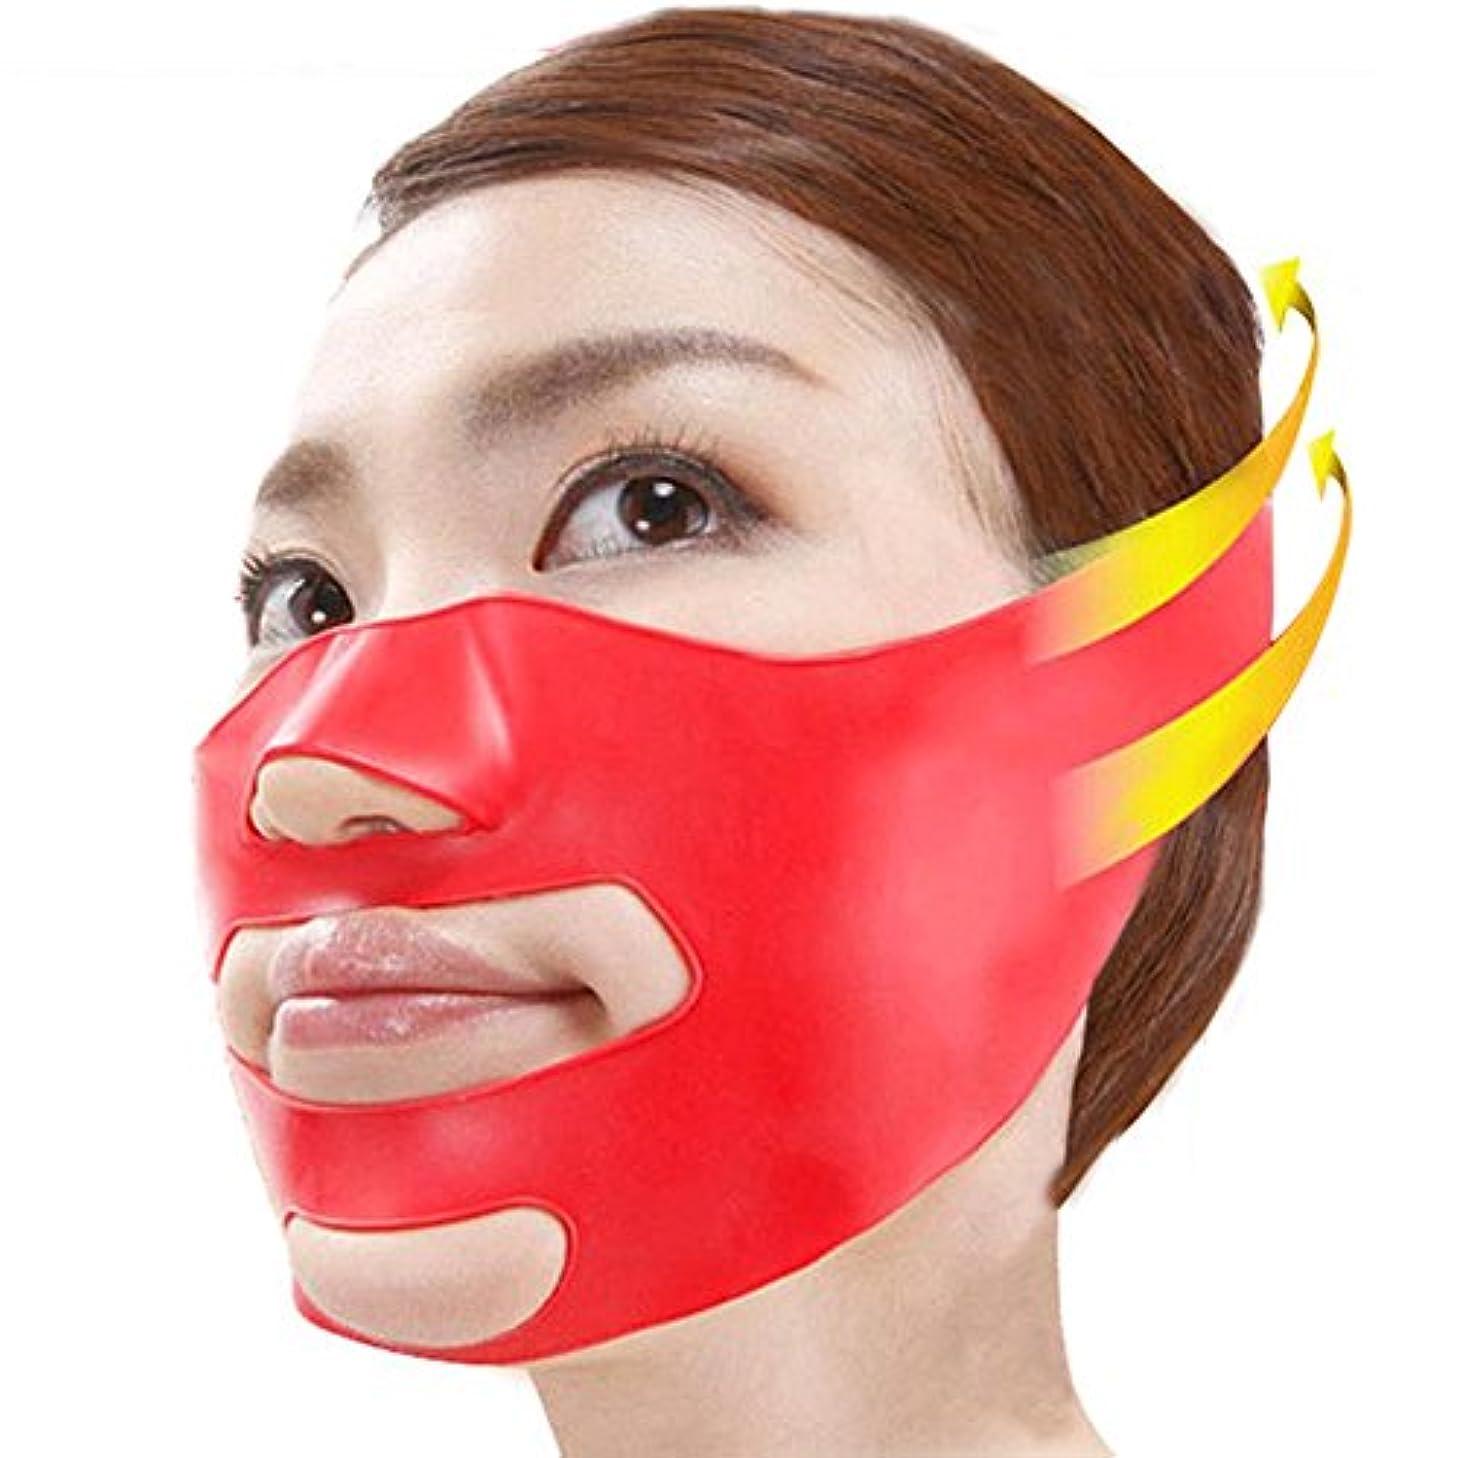 挑発する死にかけているオーロック3D 小顔 マッサージグッズ フェイスマスク 美容 顔痩せ ほうれい線 消す グッズ 美顔 矯正 (フリーサイズ, レッド)